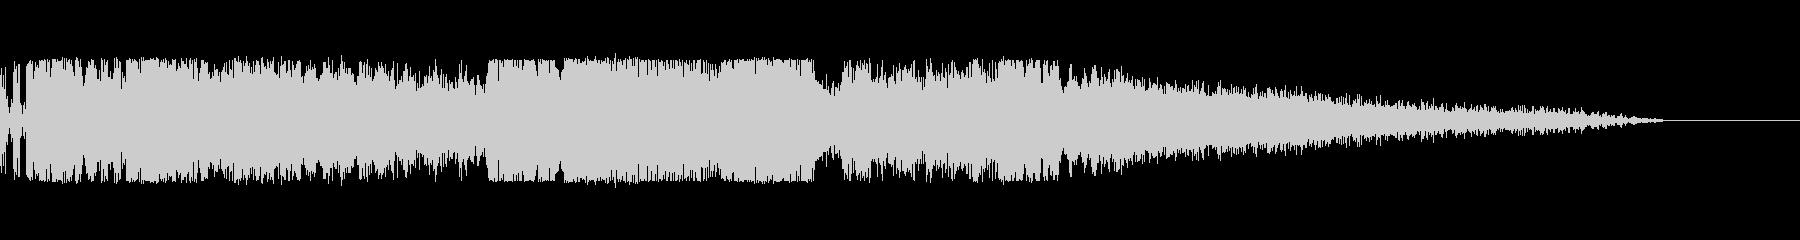 海外のFM番組のジングルっぽいサウンドの未再生の波形